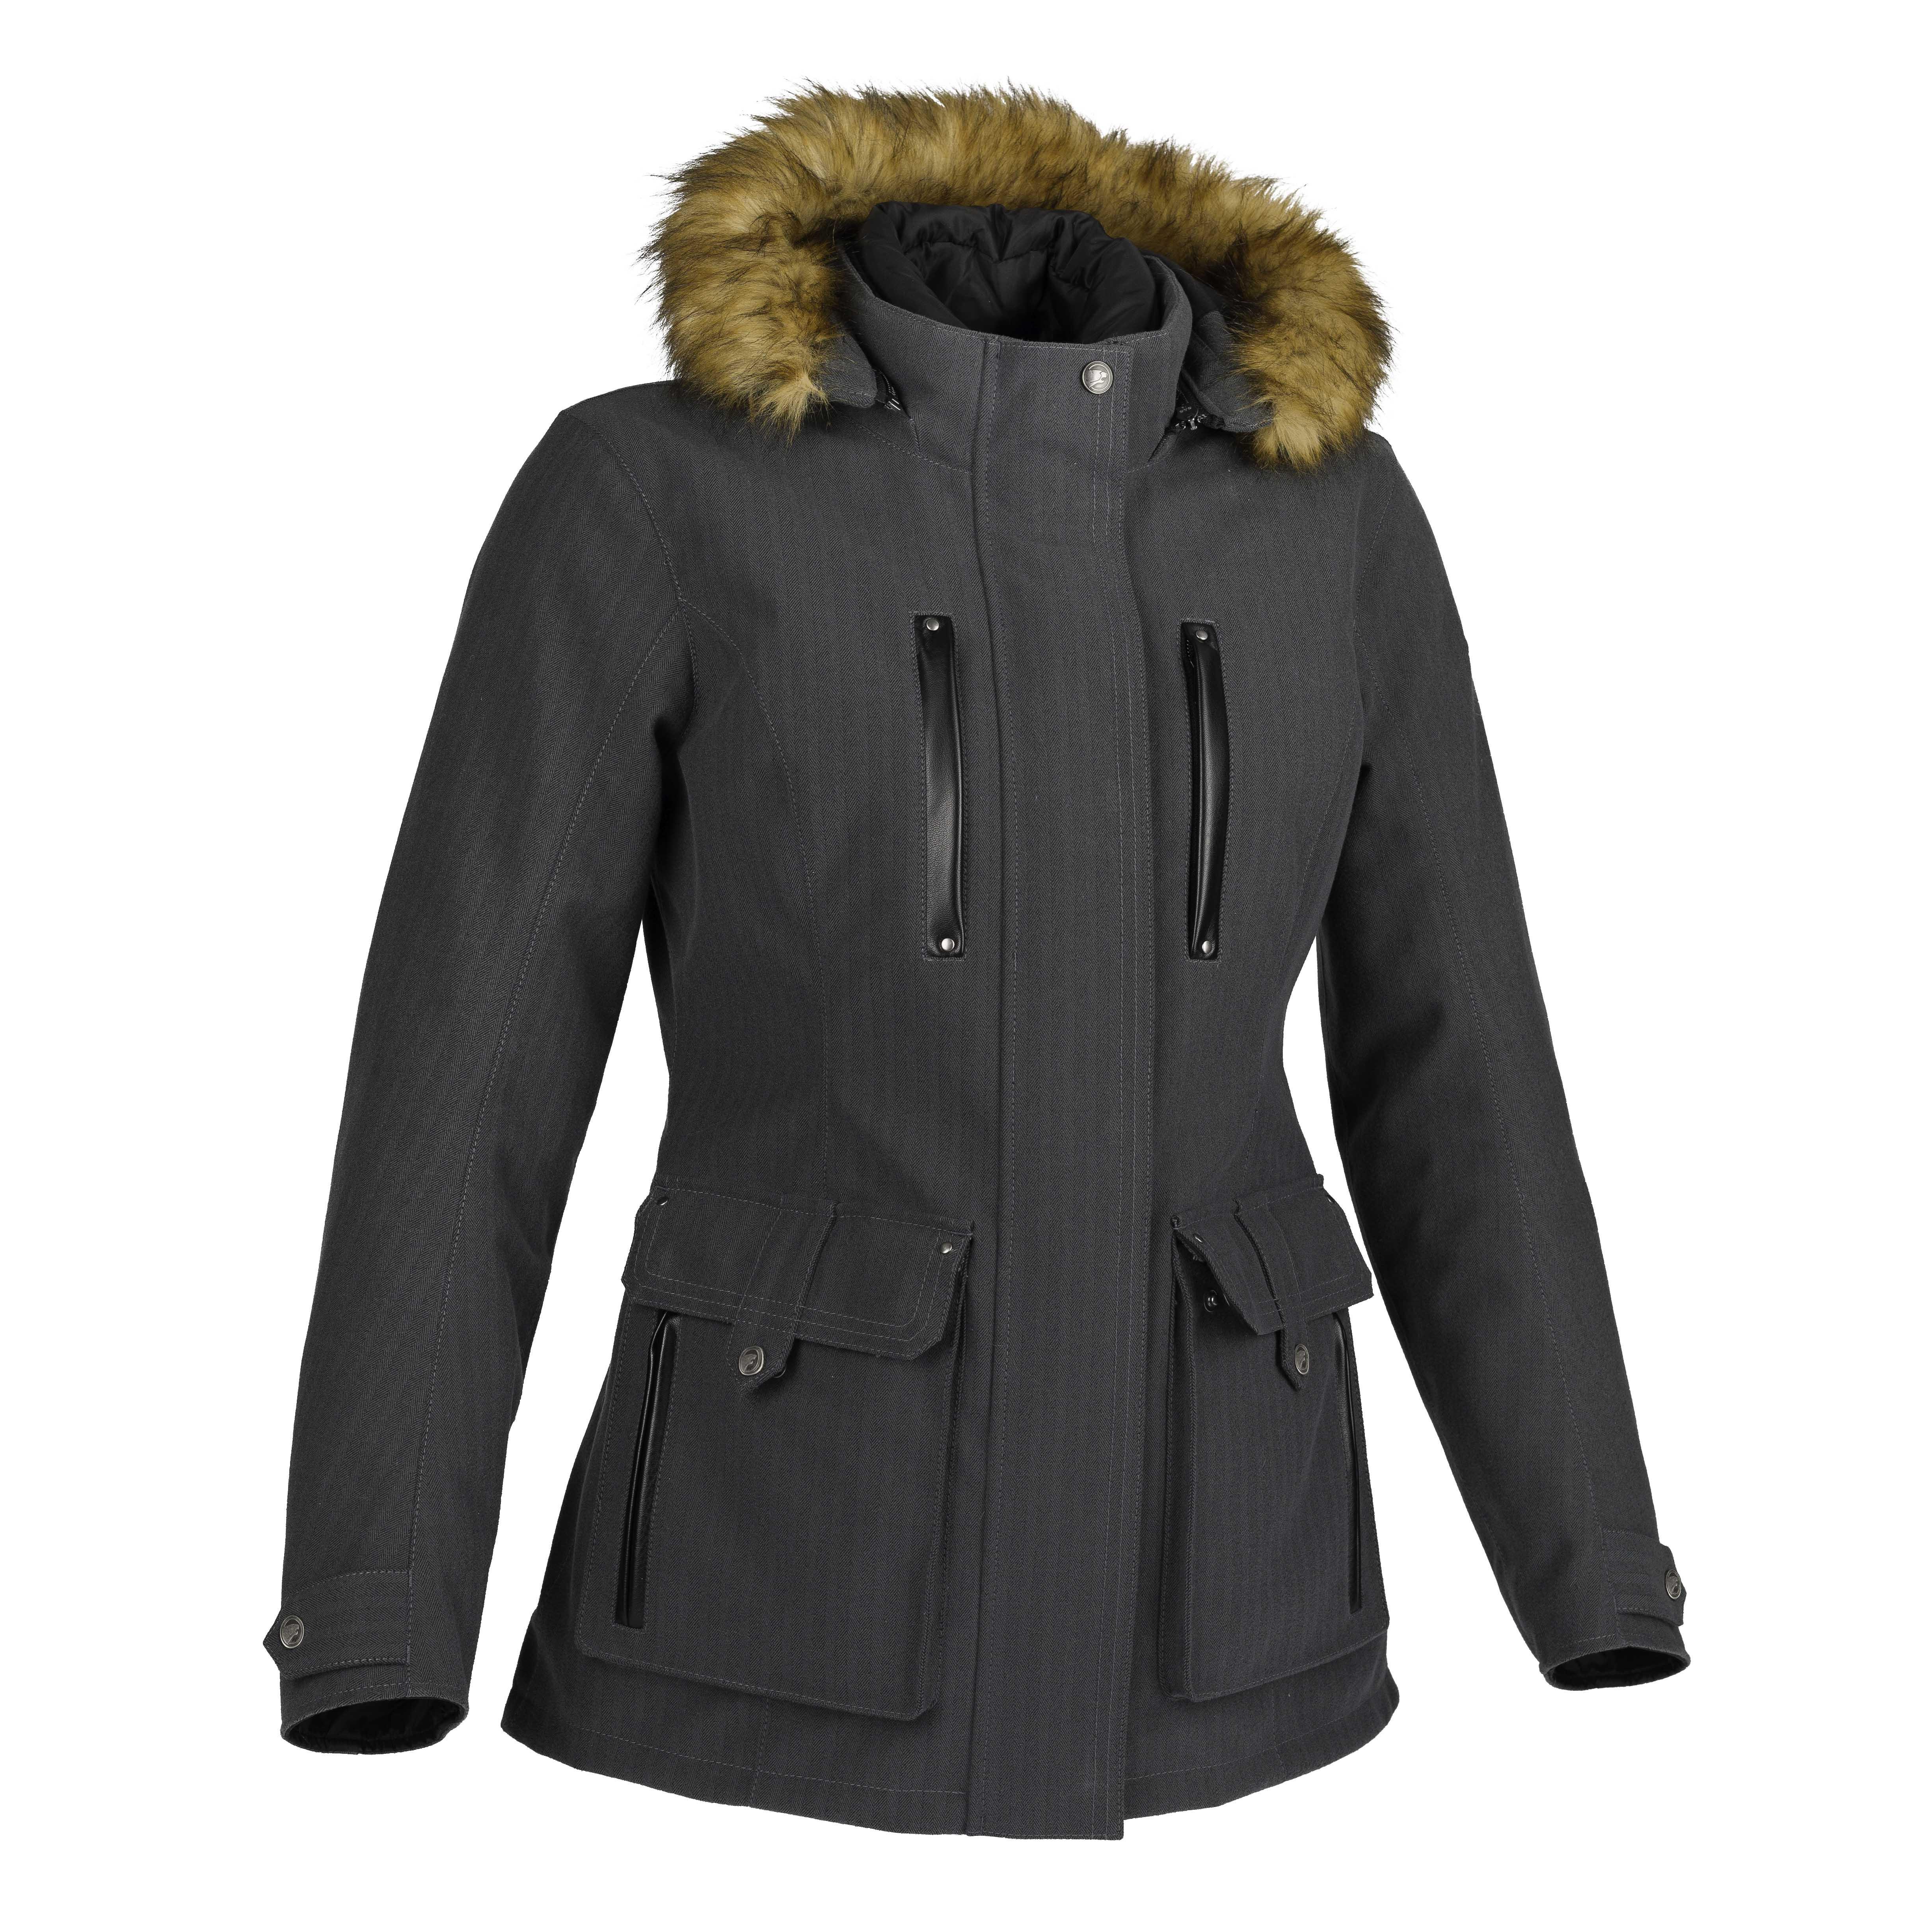 Kezdőoldal Termékek Bering motoros ruházat Női textil dzseki Lady Infinity  · Lady Infinity BTV398 0a8a214fcf